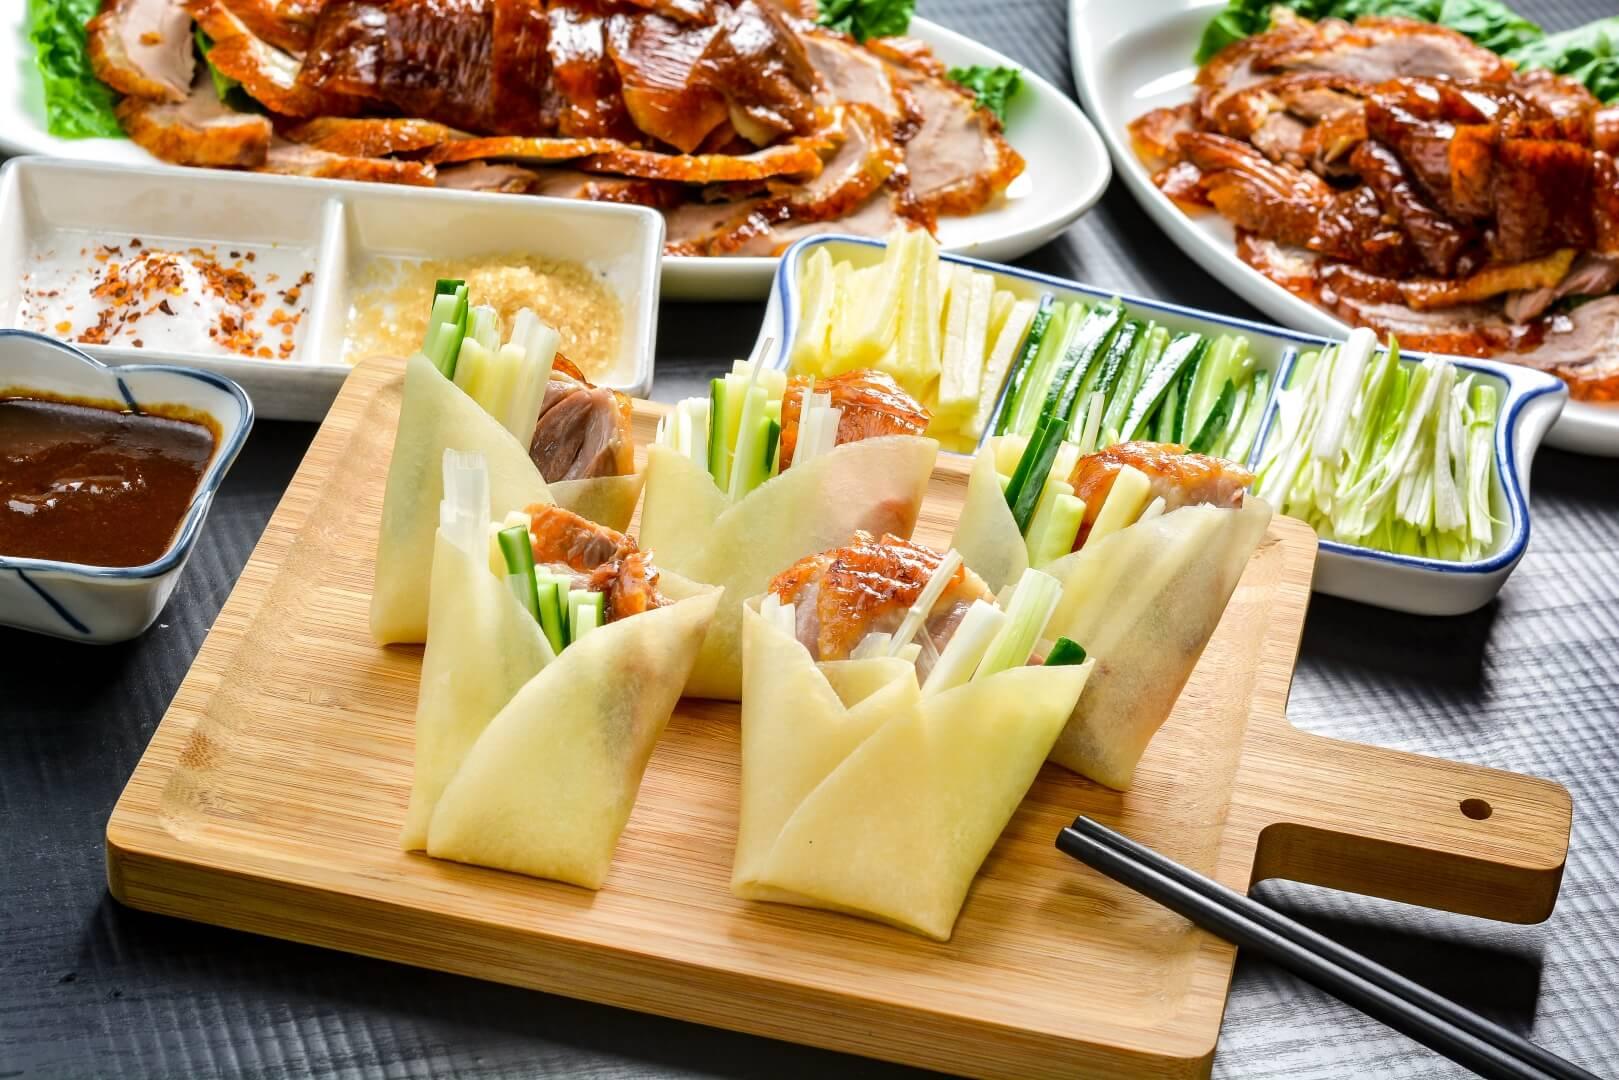 京都片皮鴨北京烤鴨